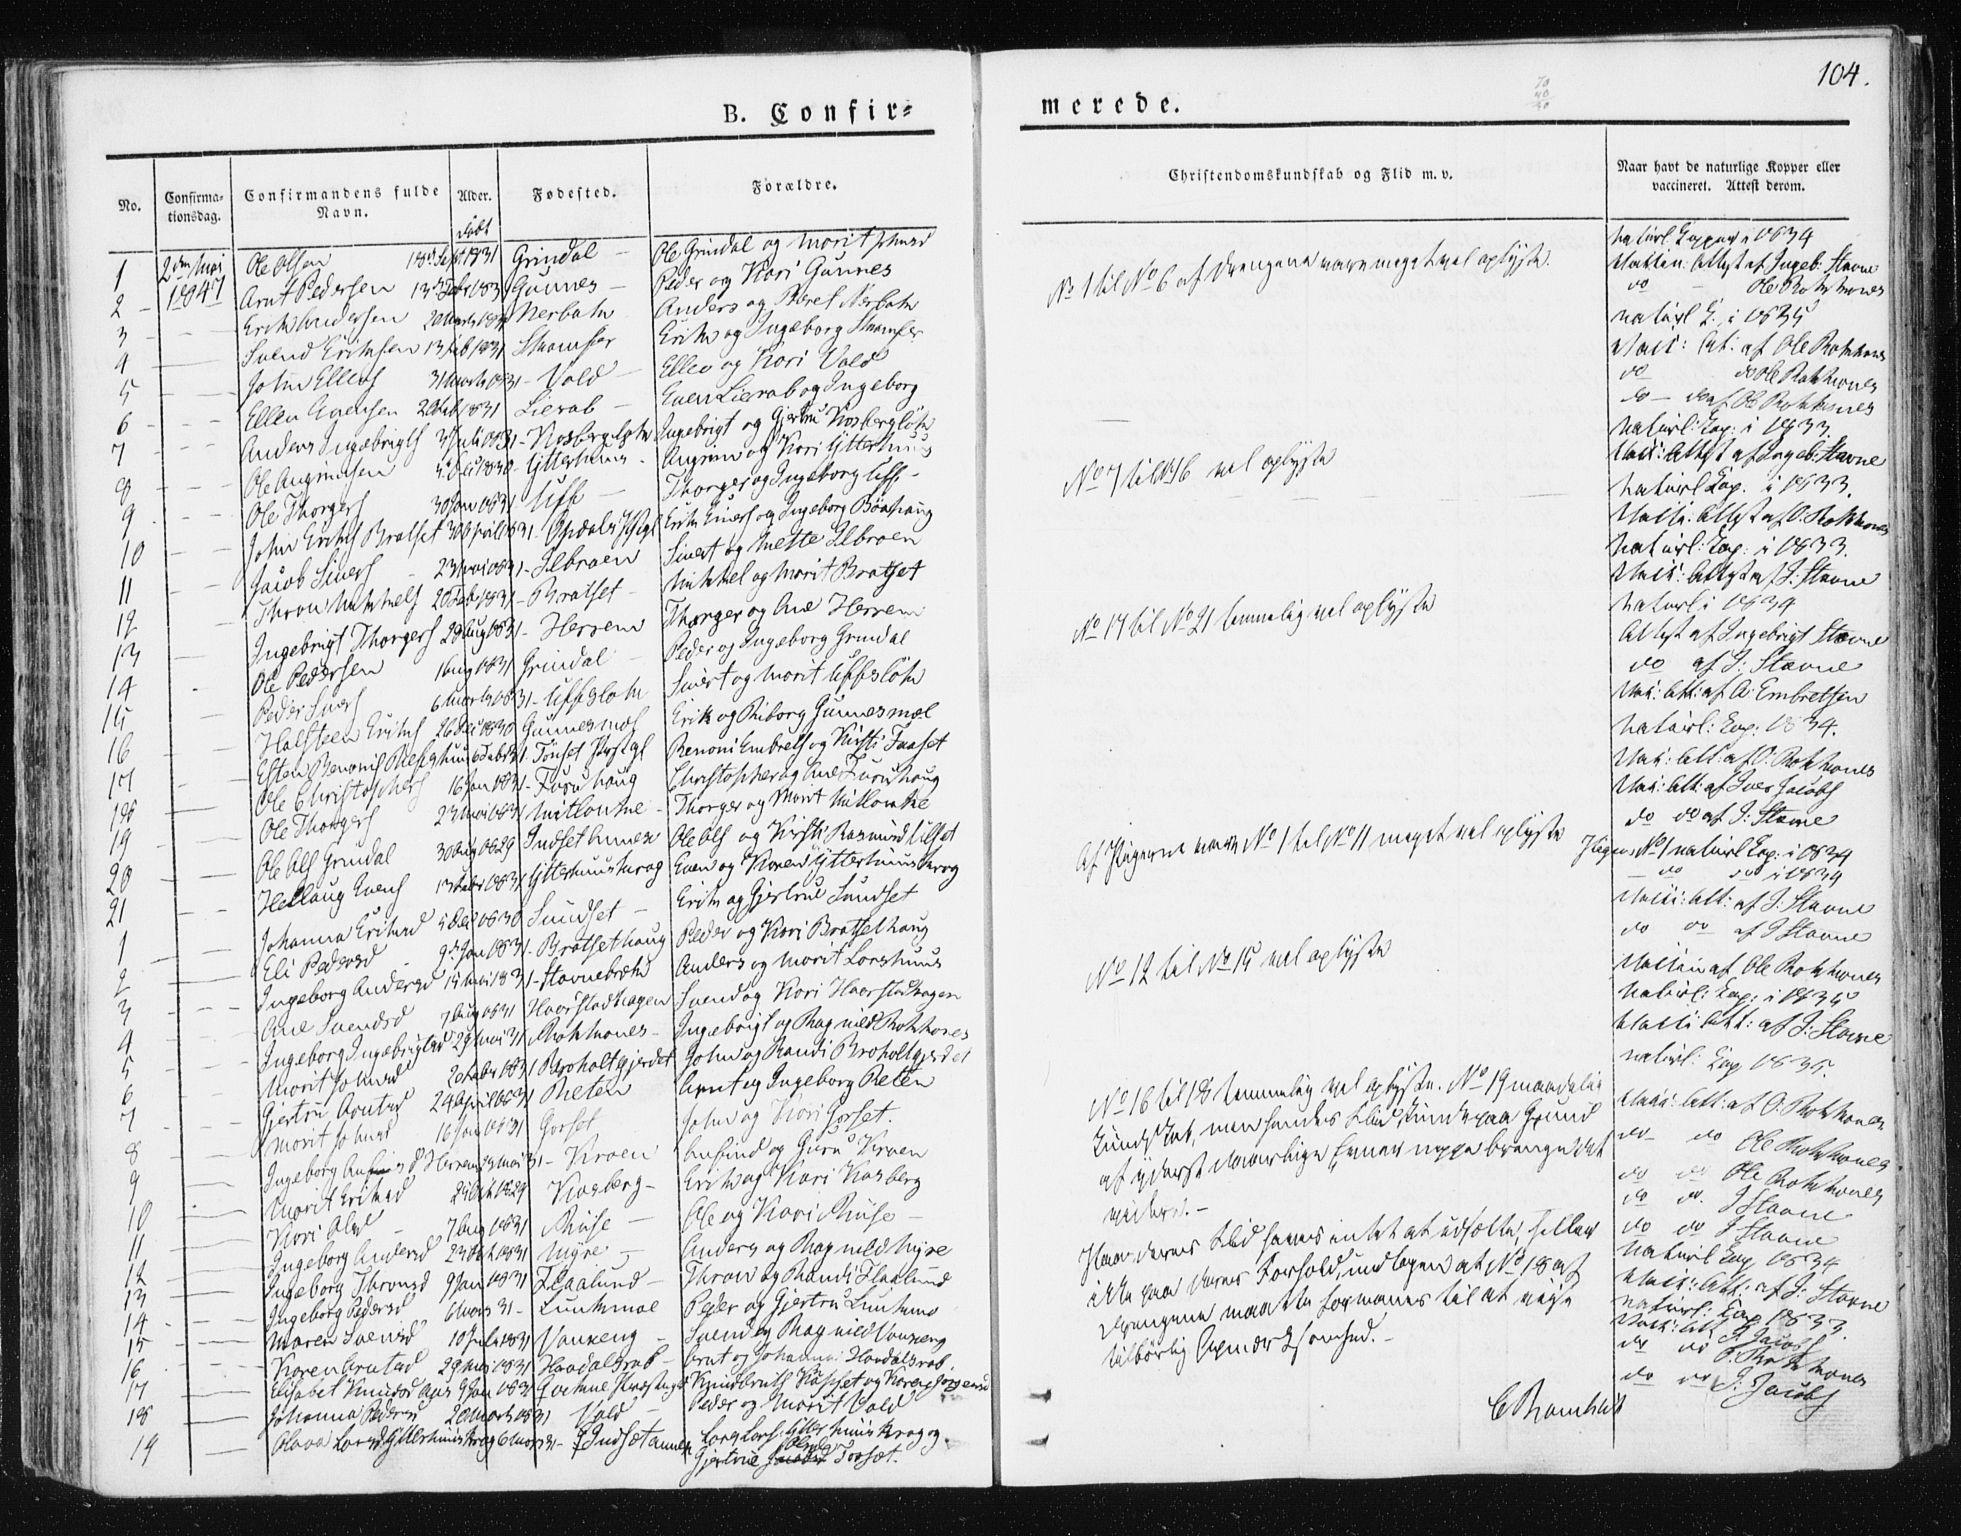 SAT, Ministerialprotokoller, klokkerbøker og fødselsregistre - Sør-Trøndelag, 674/L0869: Ministerialbok nr. 674A01, 1829-1860, s. 104